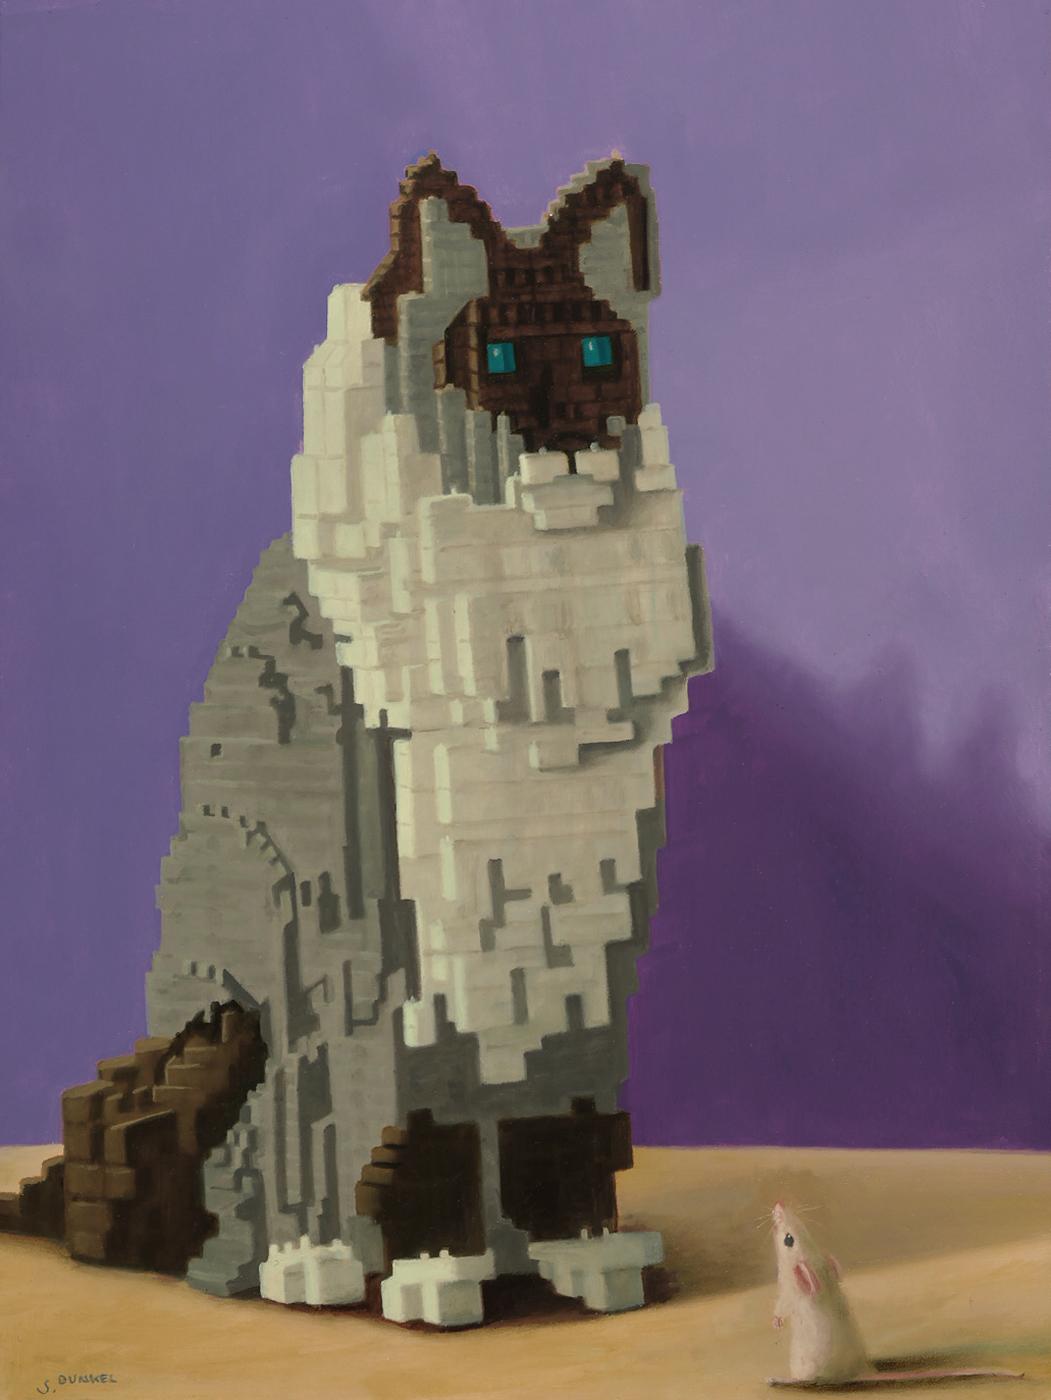 stuart_dunkel_sd1358_lego_monster.jpg